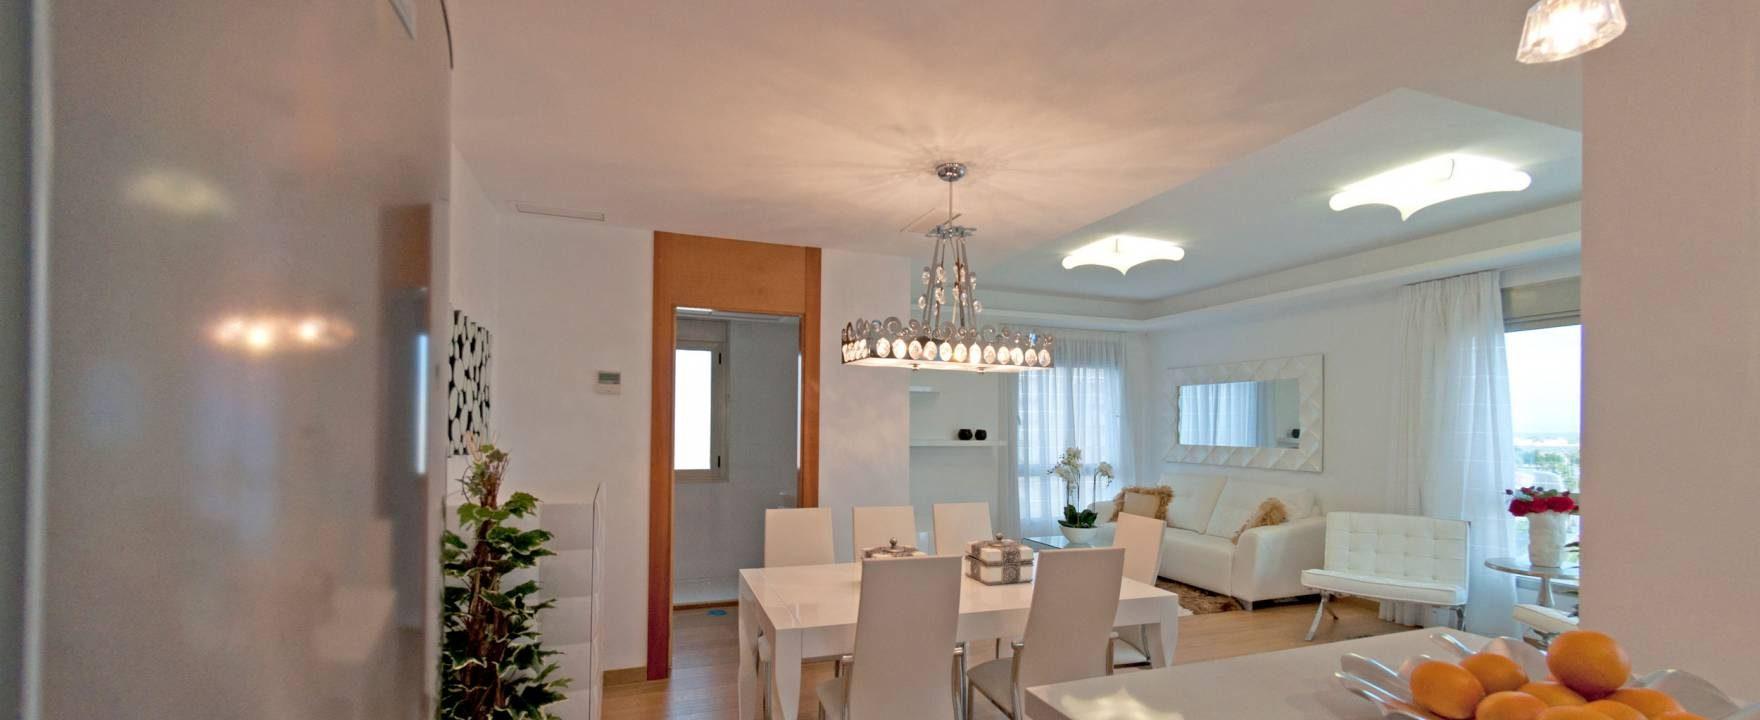 Appartement 5 pièces 155 m²